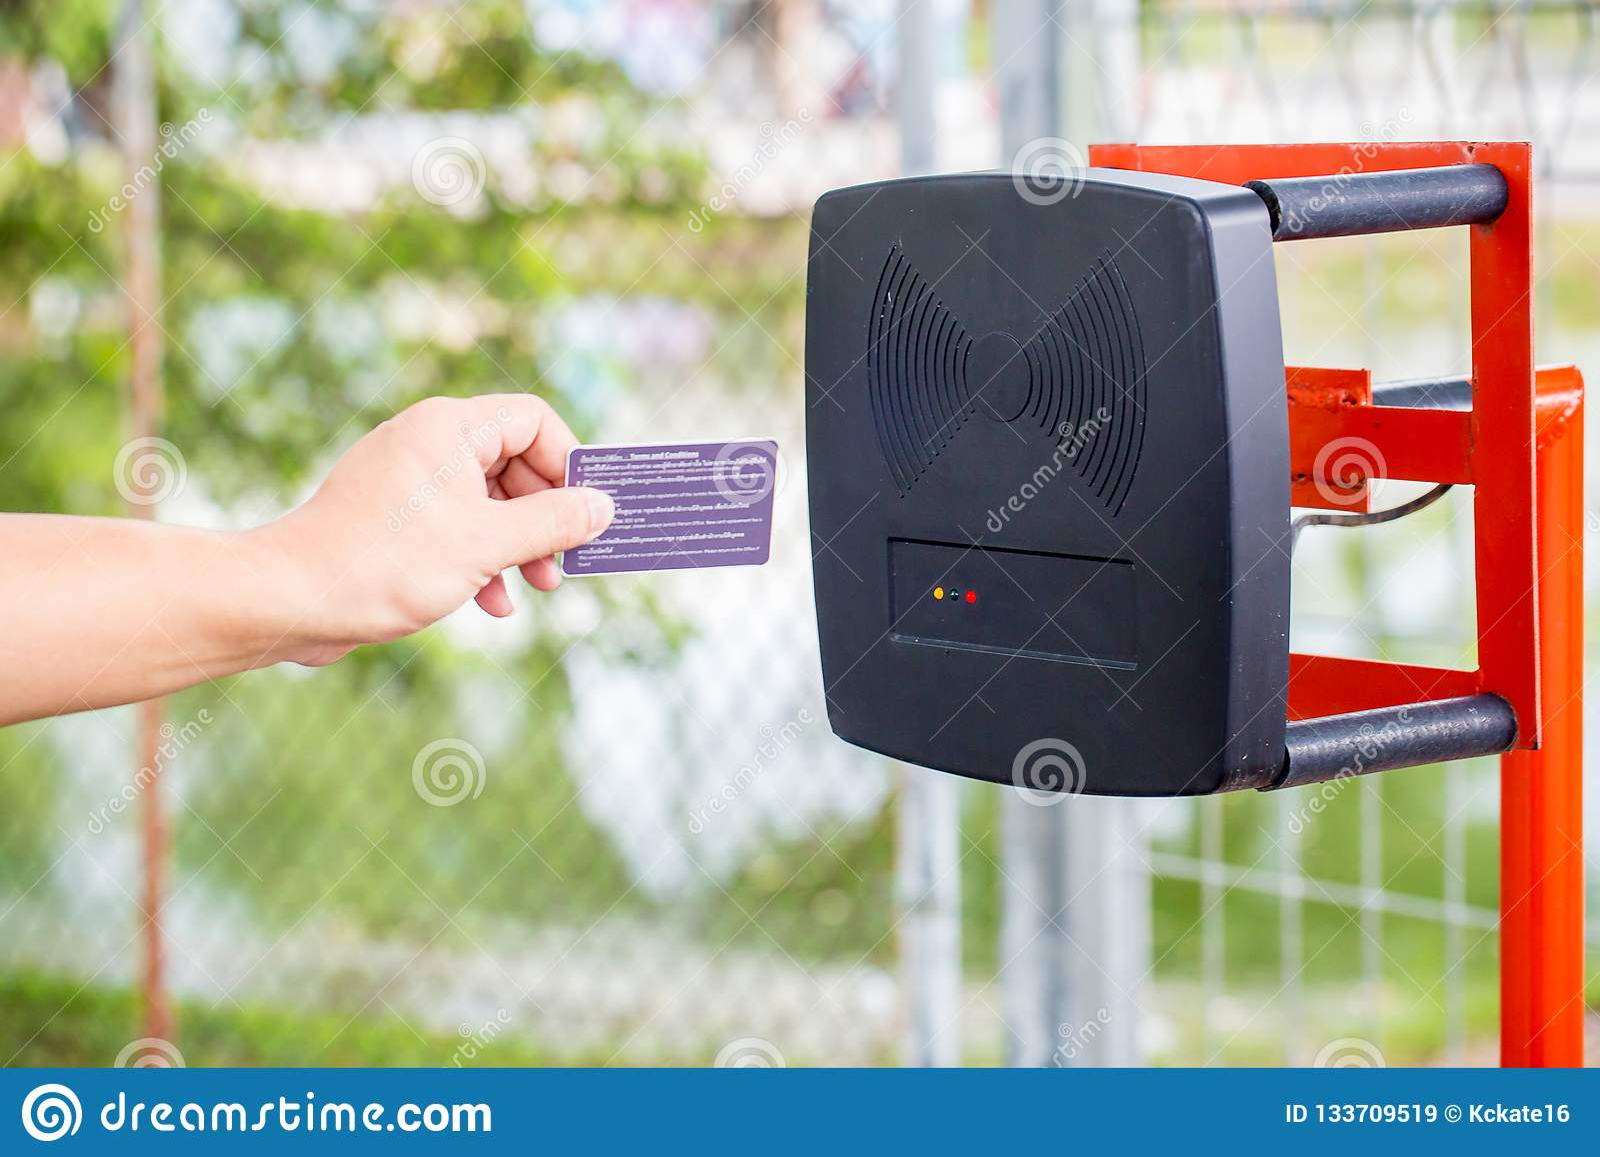 Parking samochodowego automatyczny hasłowy system System bezpieczeństwa dla budować dostęp - bariery bramy przerwa z opłaty drogo